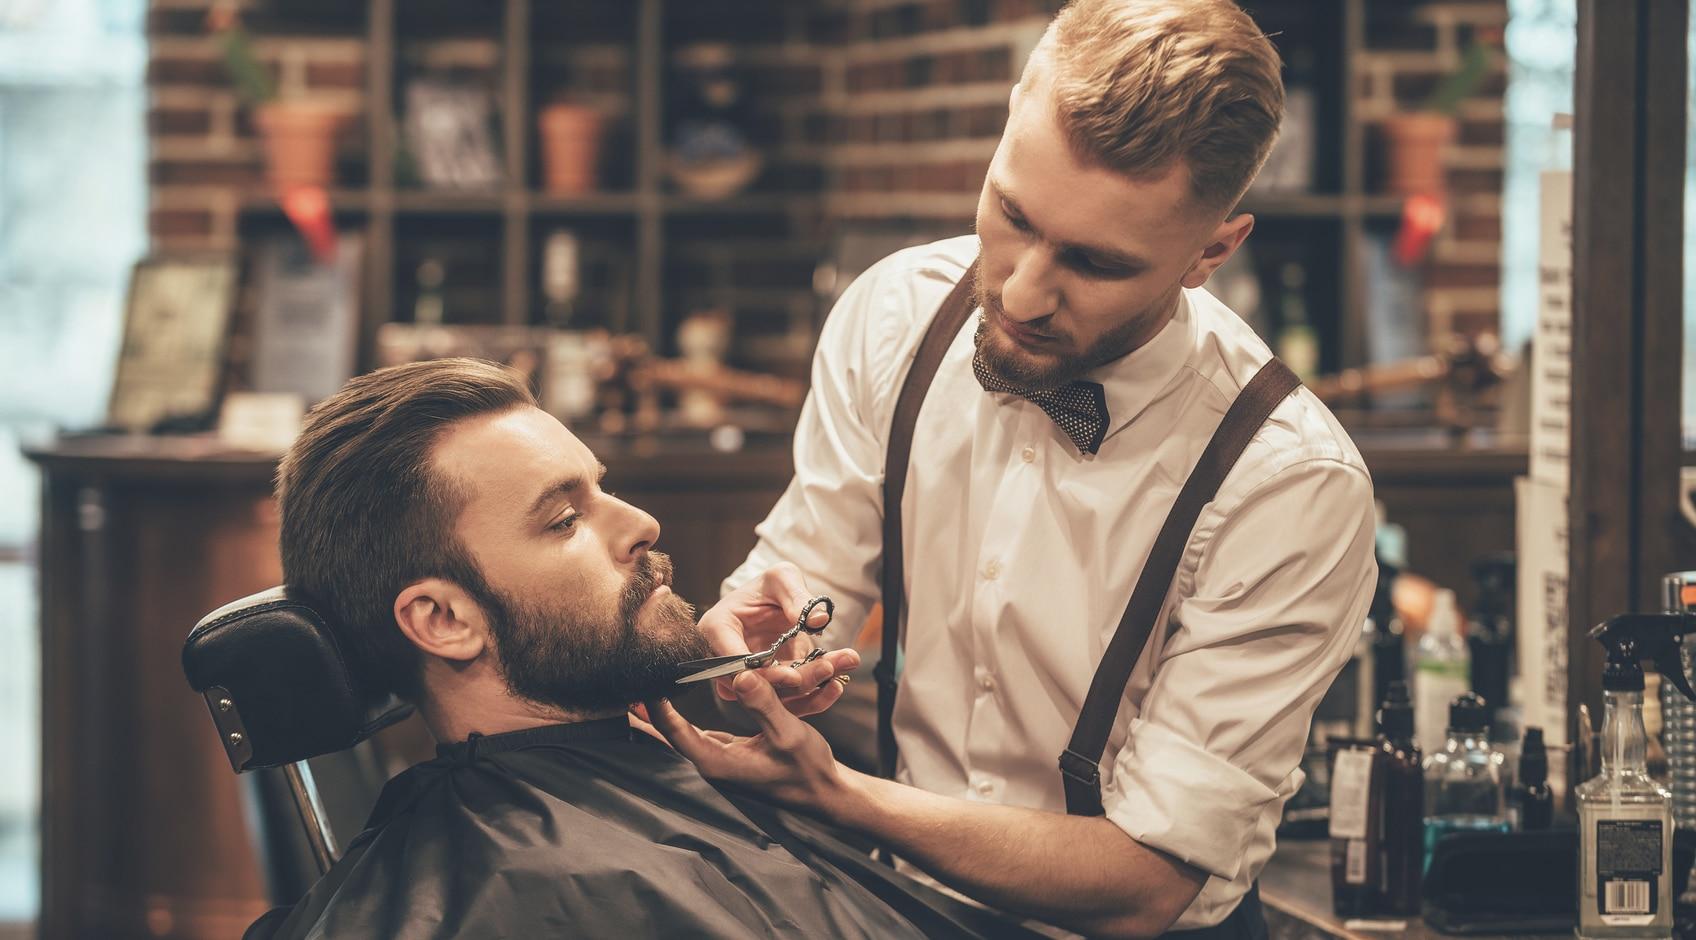 curso de barbeiro gratis